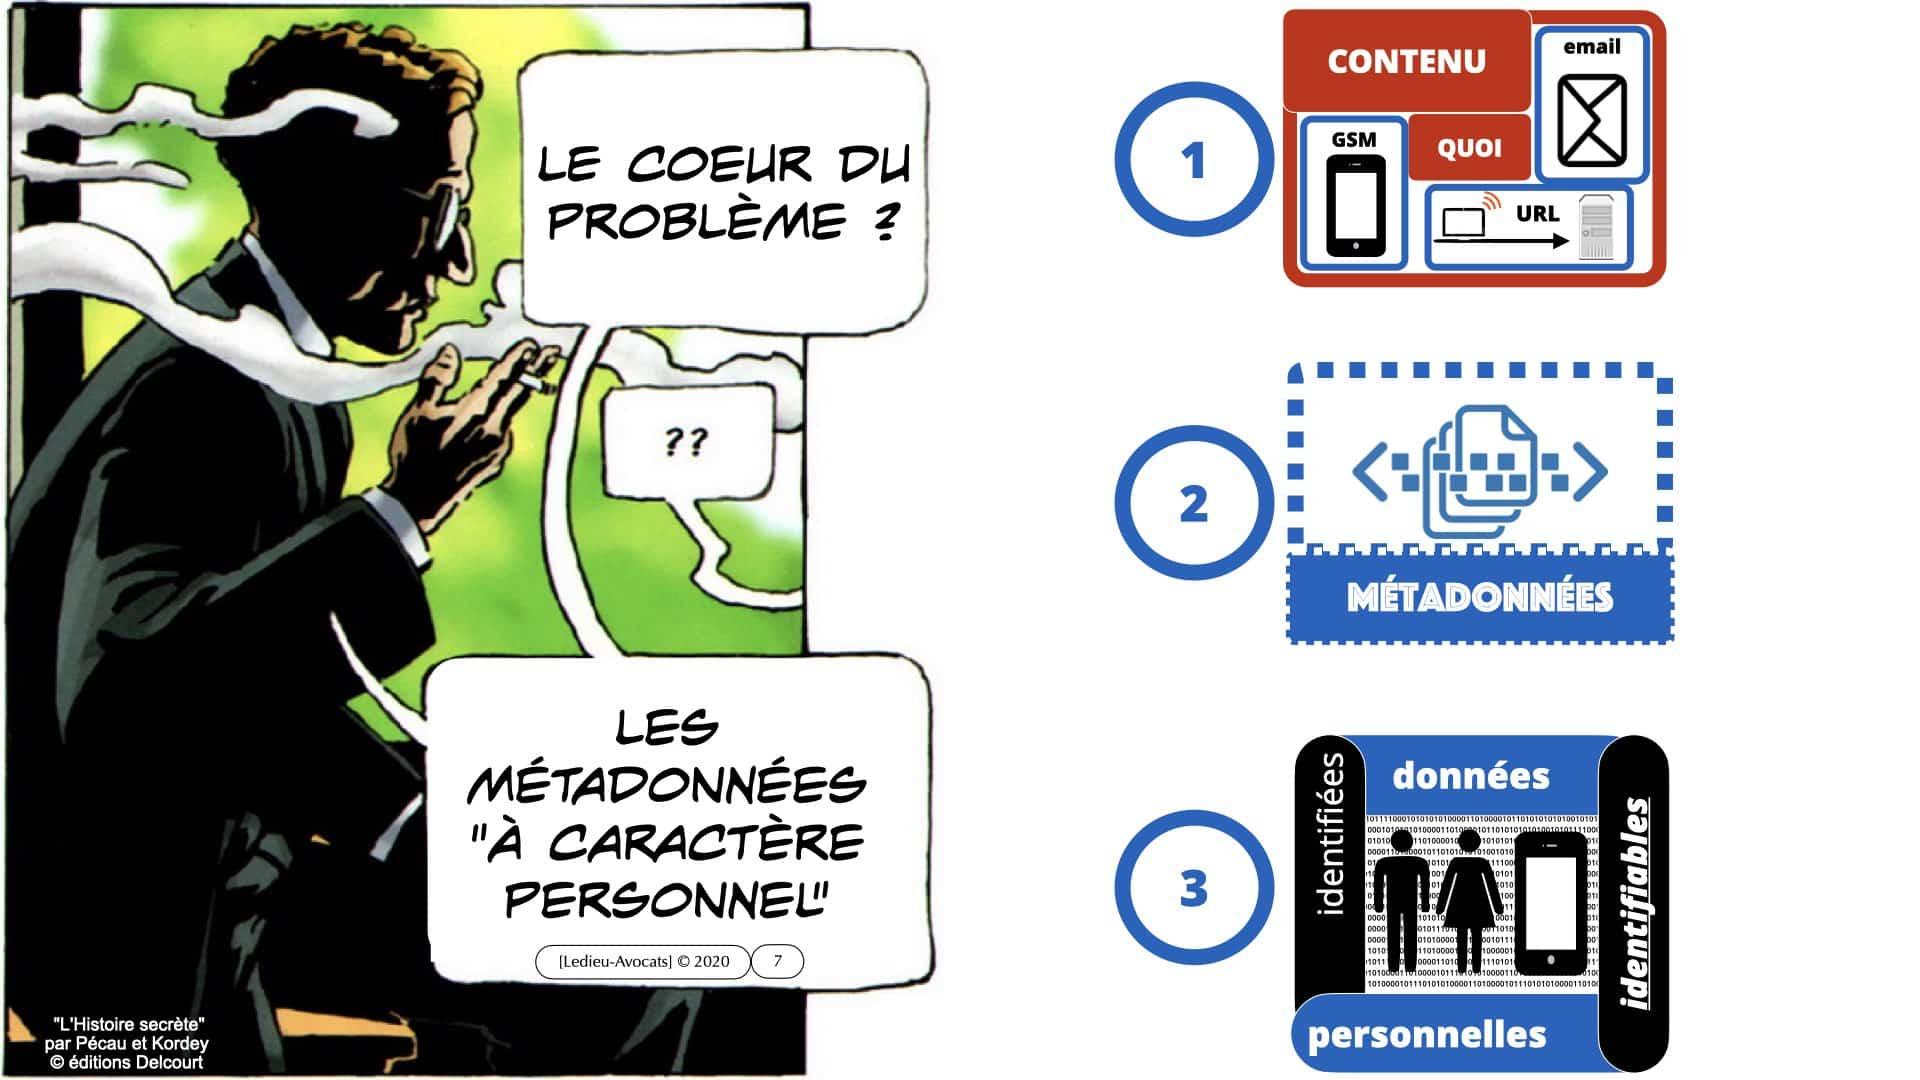 318 données de contenu métadonnées données personnelles ©Ledieu-Avocats 17-12-2020 le copieur du problème